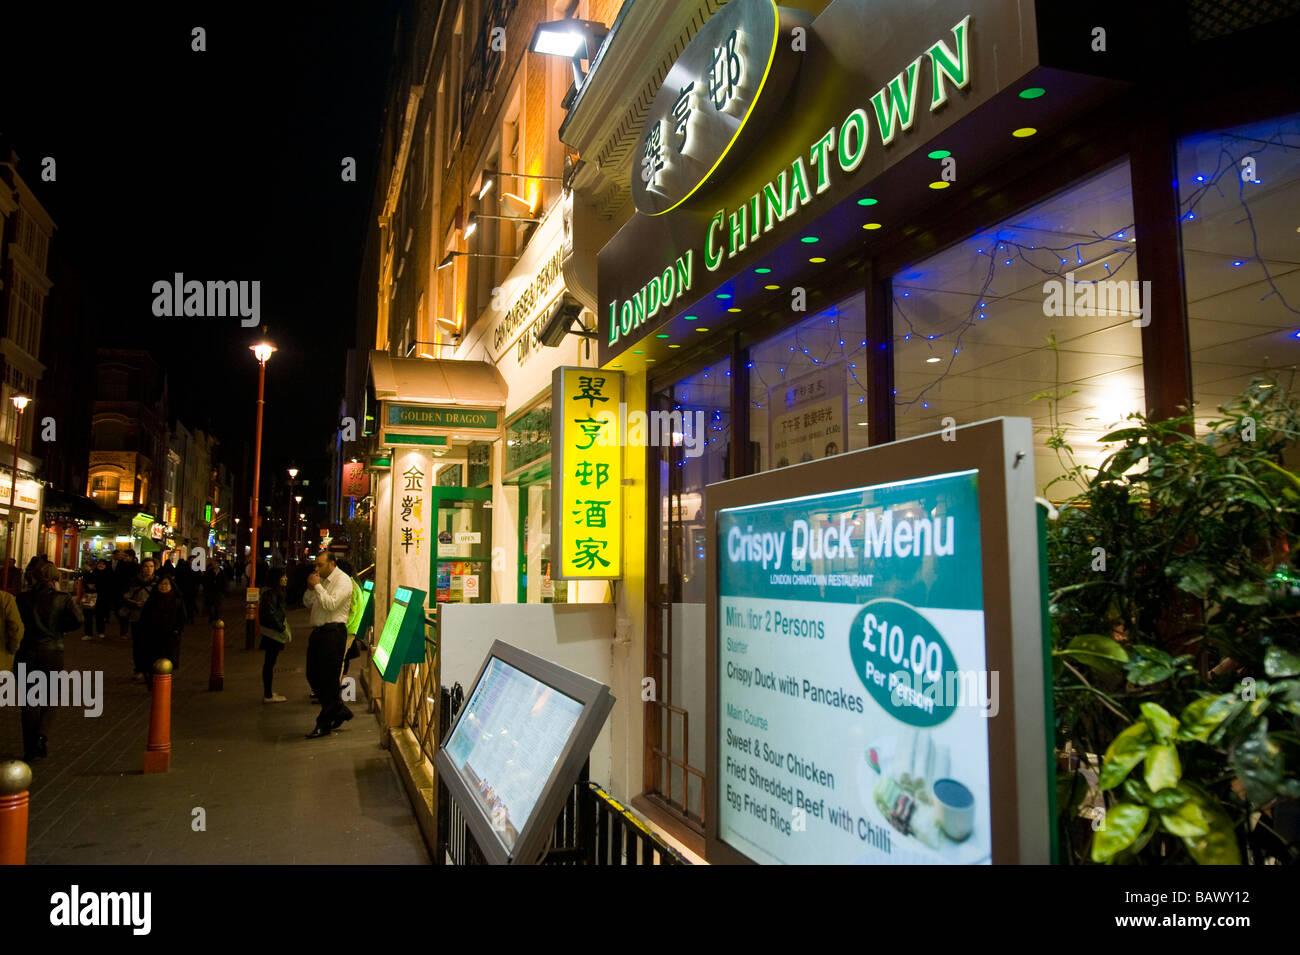 China Town London at night - Stock Image